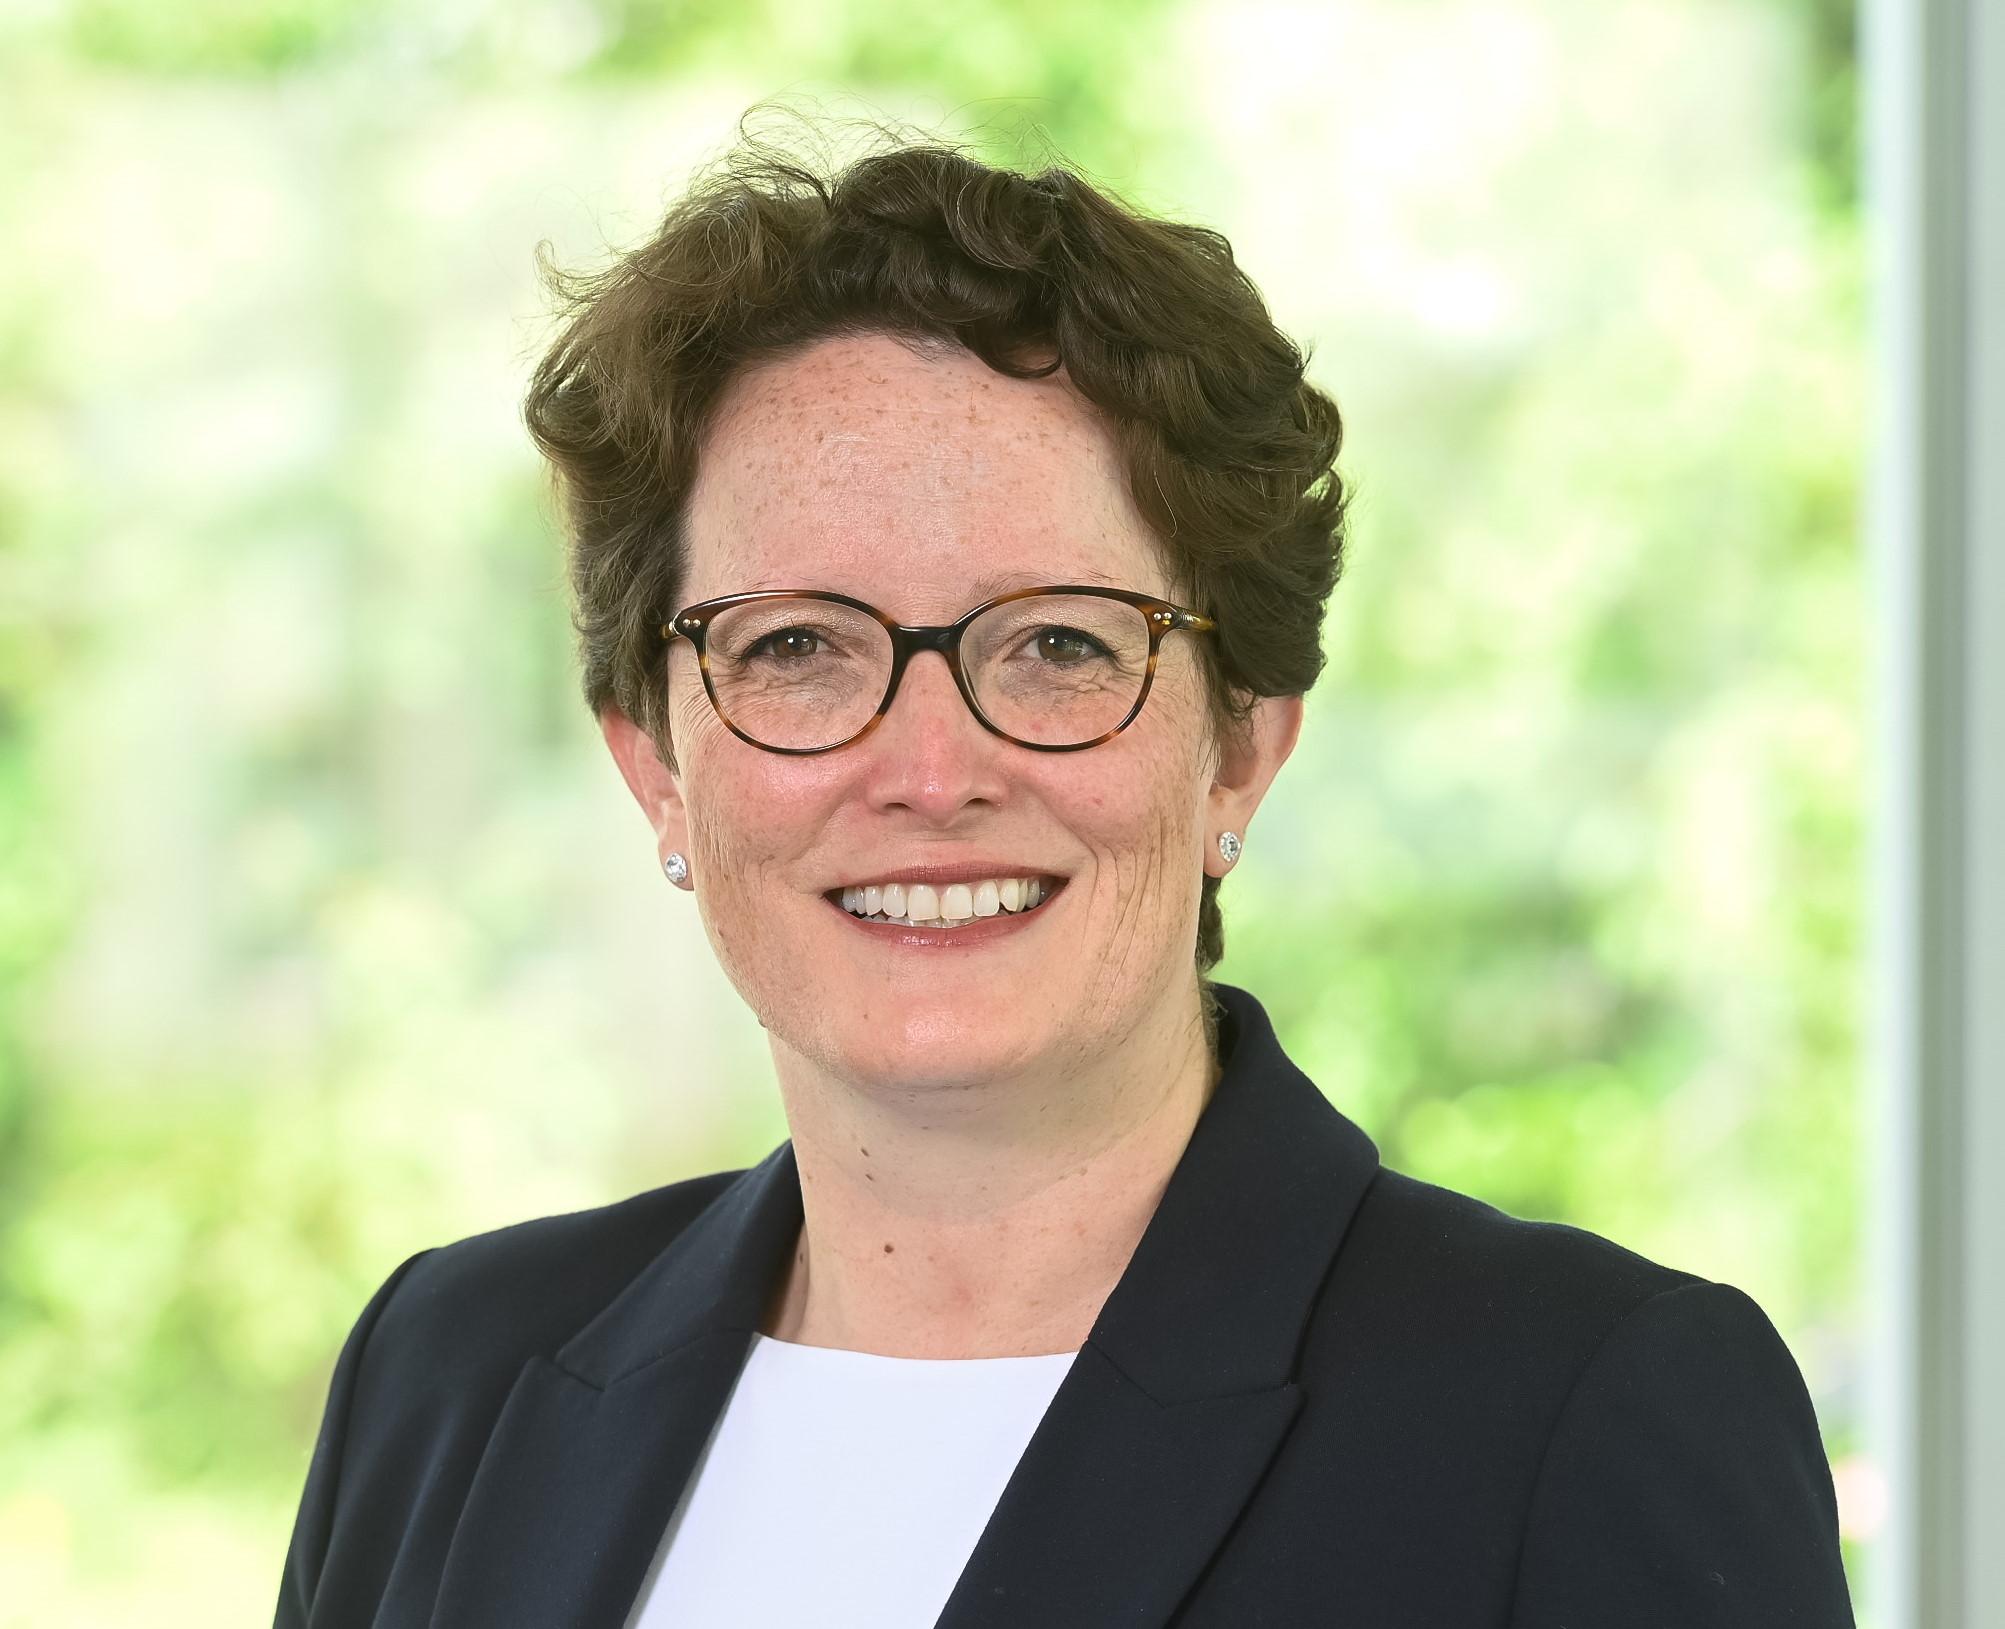 Cornelia Klaer-Schinke